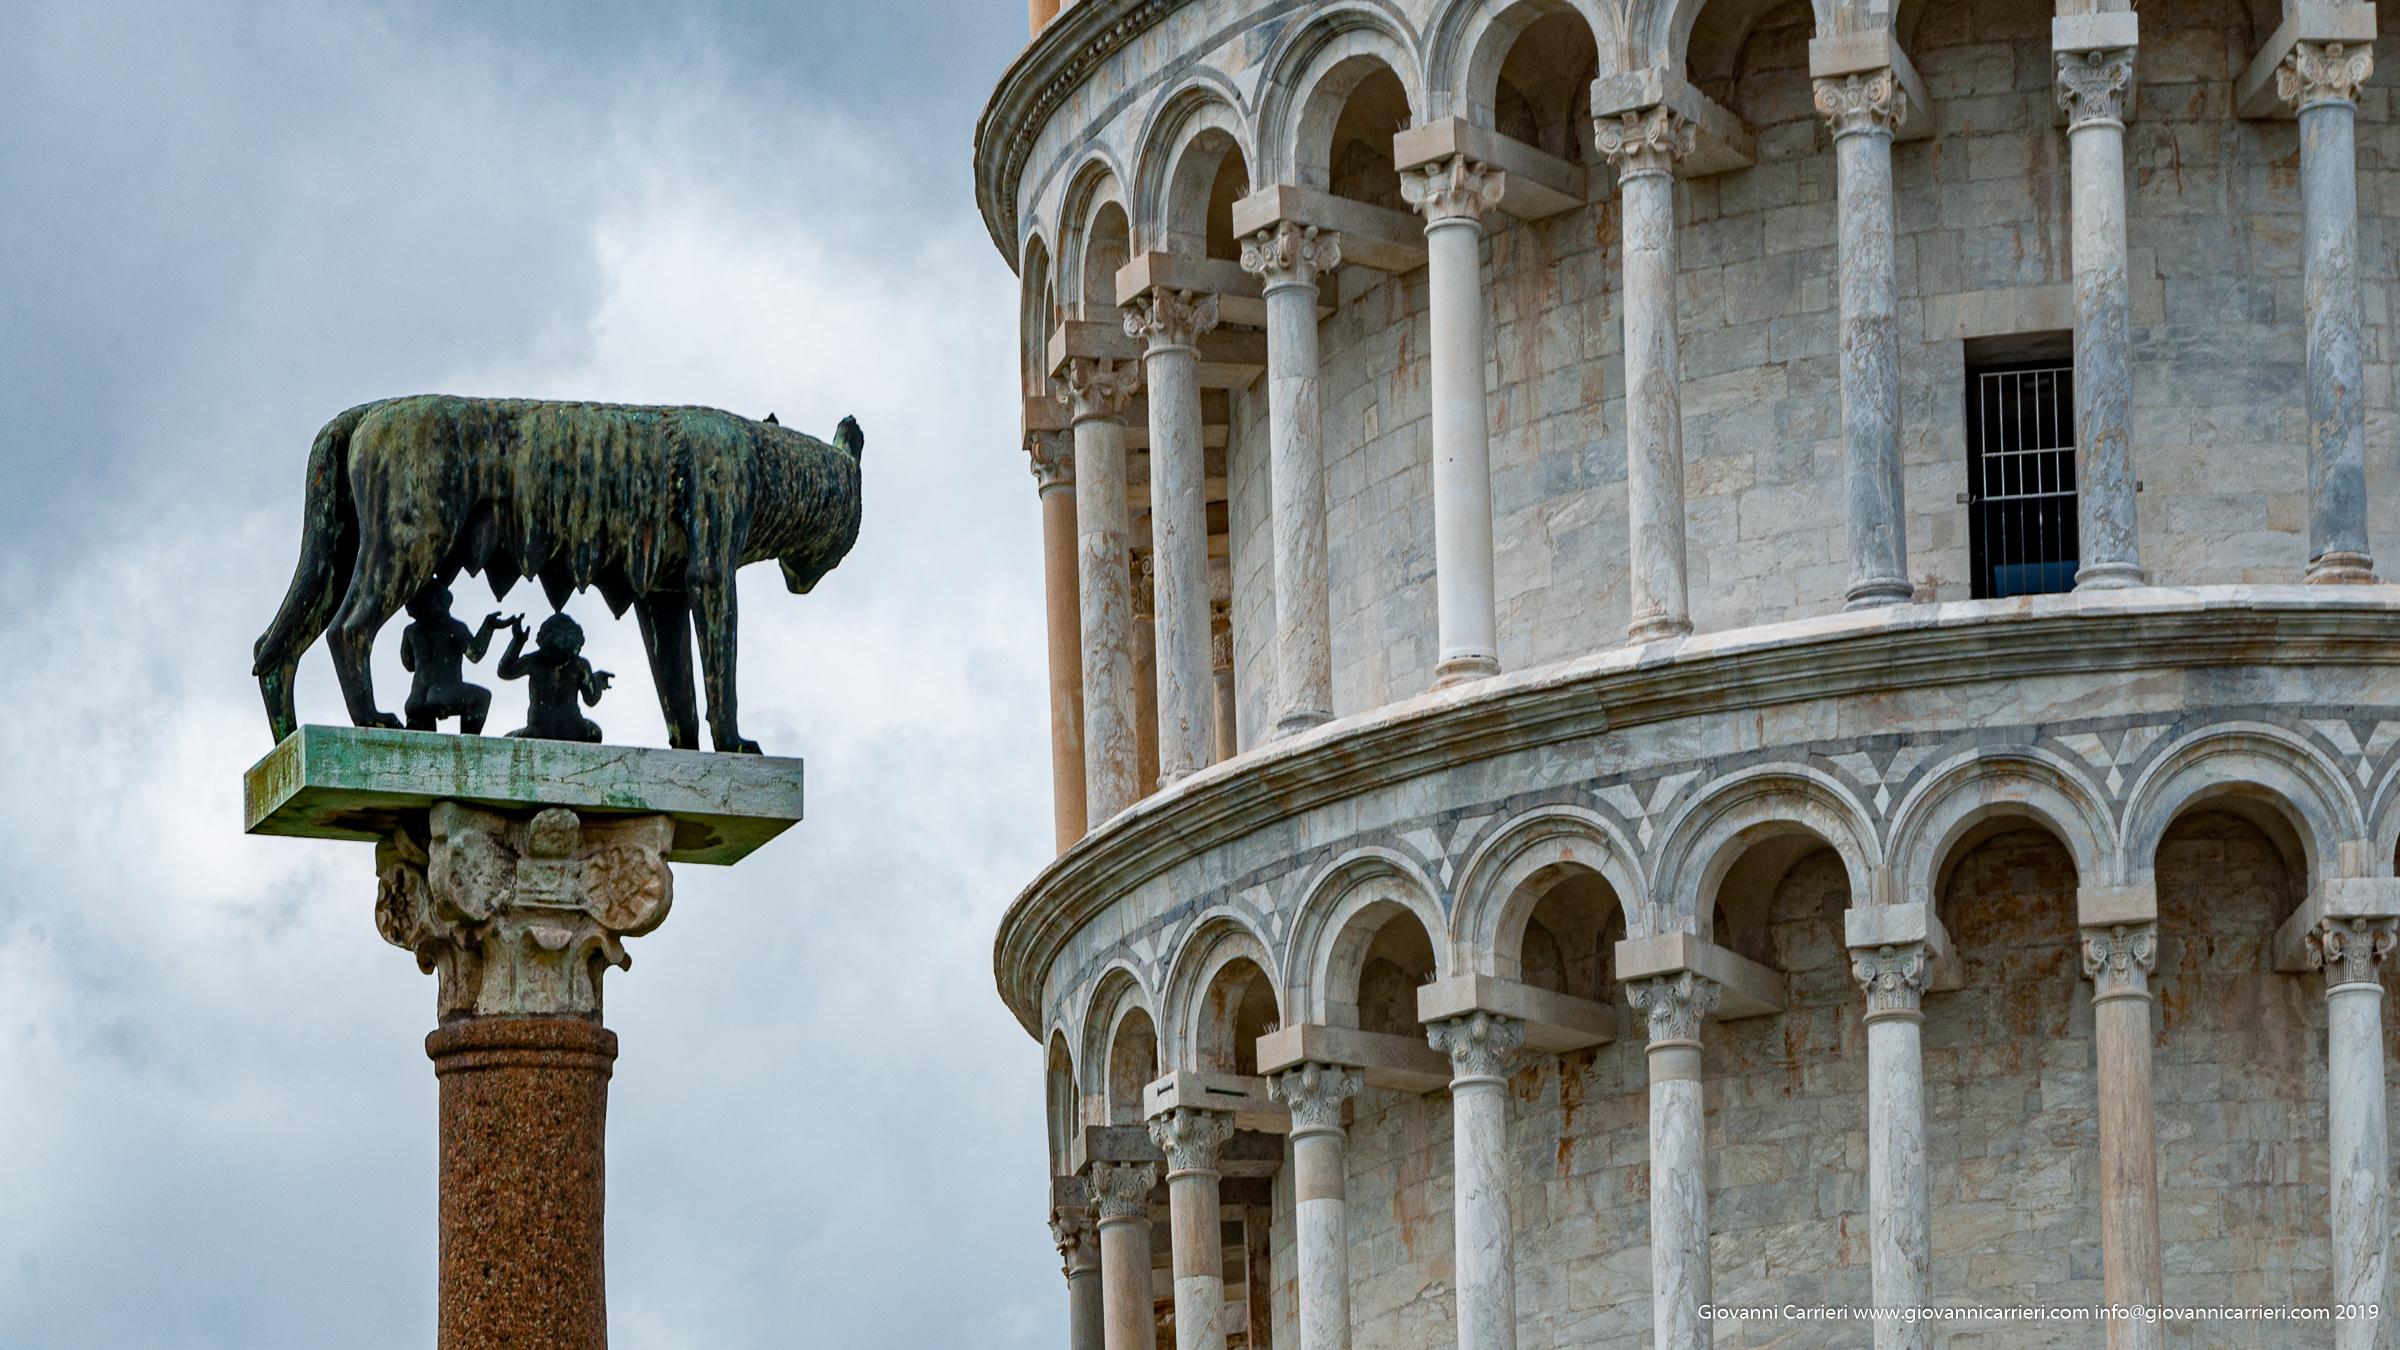 La Torre Pendente e la Lupa Capitolina, Pisa Piazza dei Miracoli